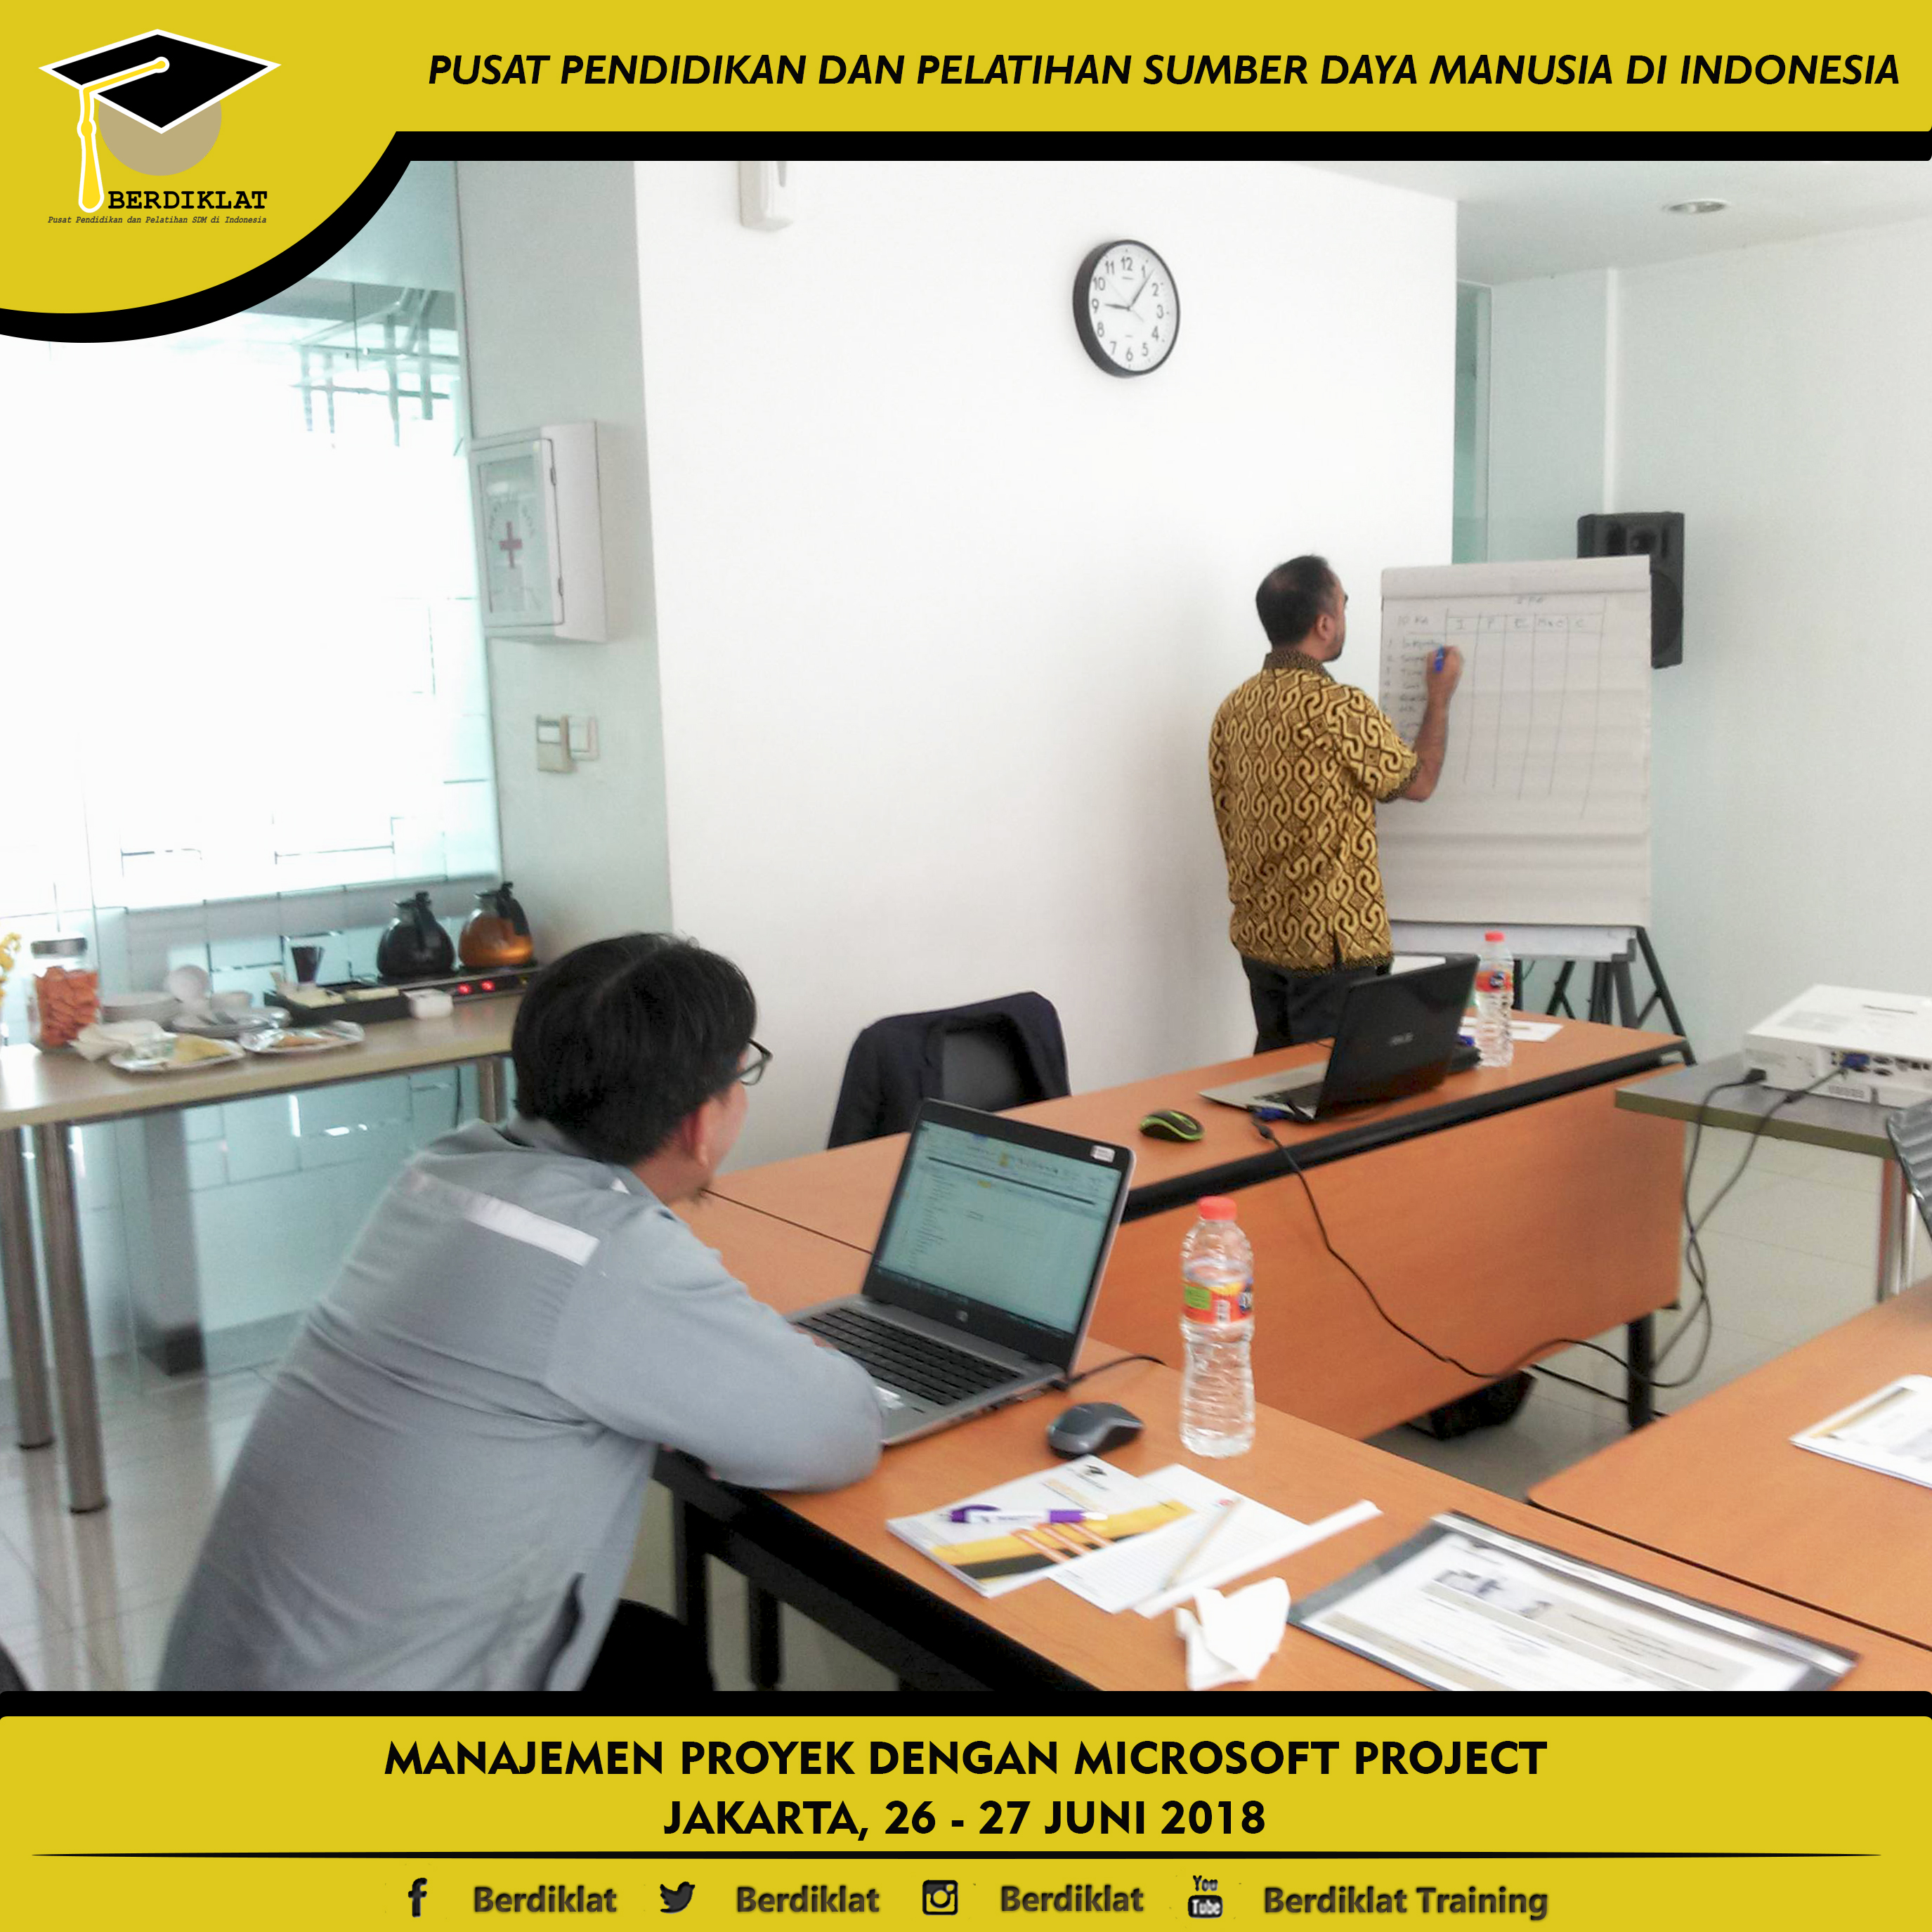 MANAJEMEN PROYEK DENGAN MICROSOFT PROJECT Jakarta, 26 - 27 Juni 2018 Berdiklat  dkjf